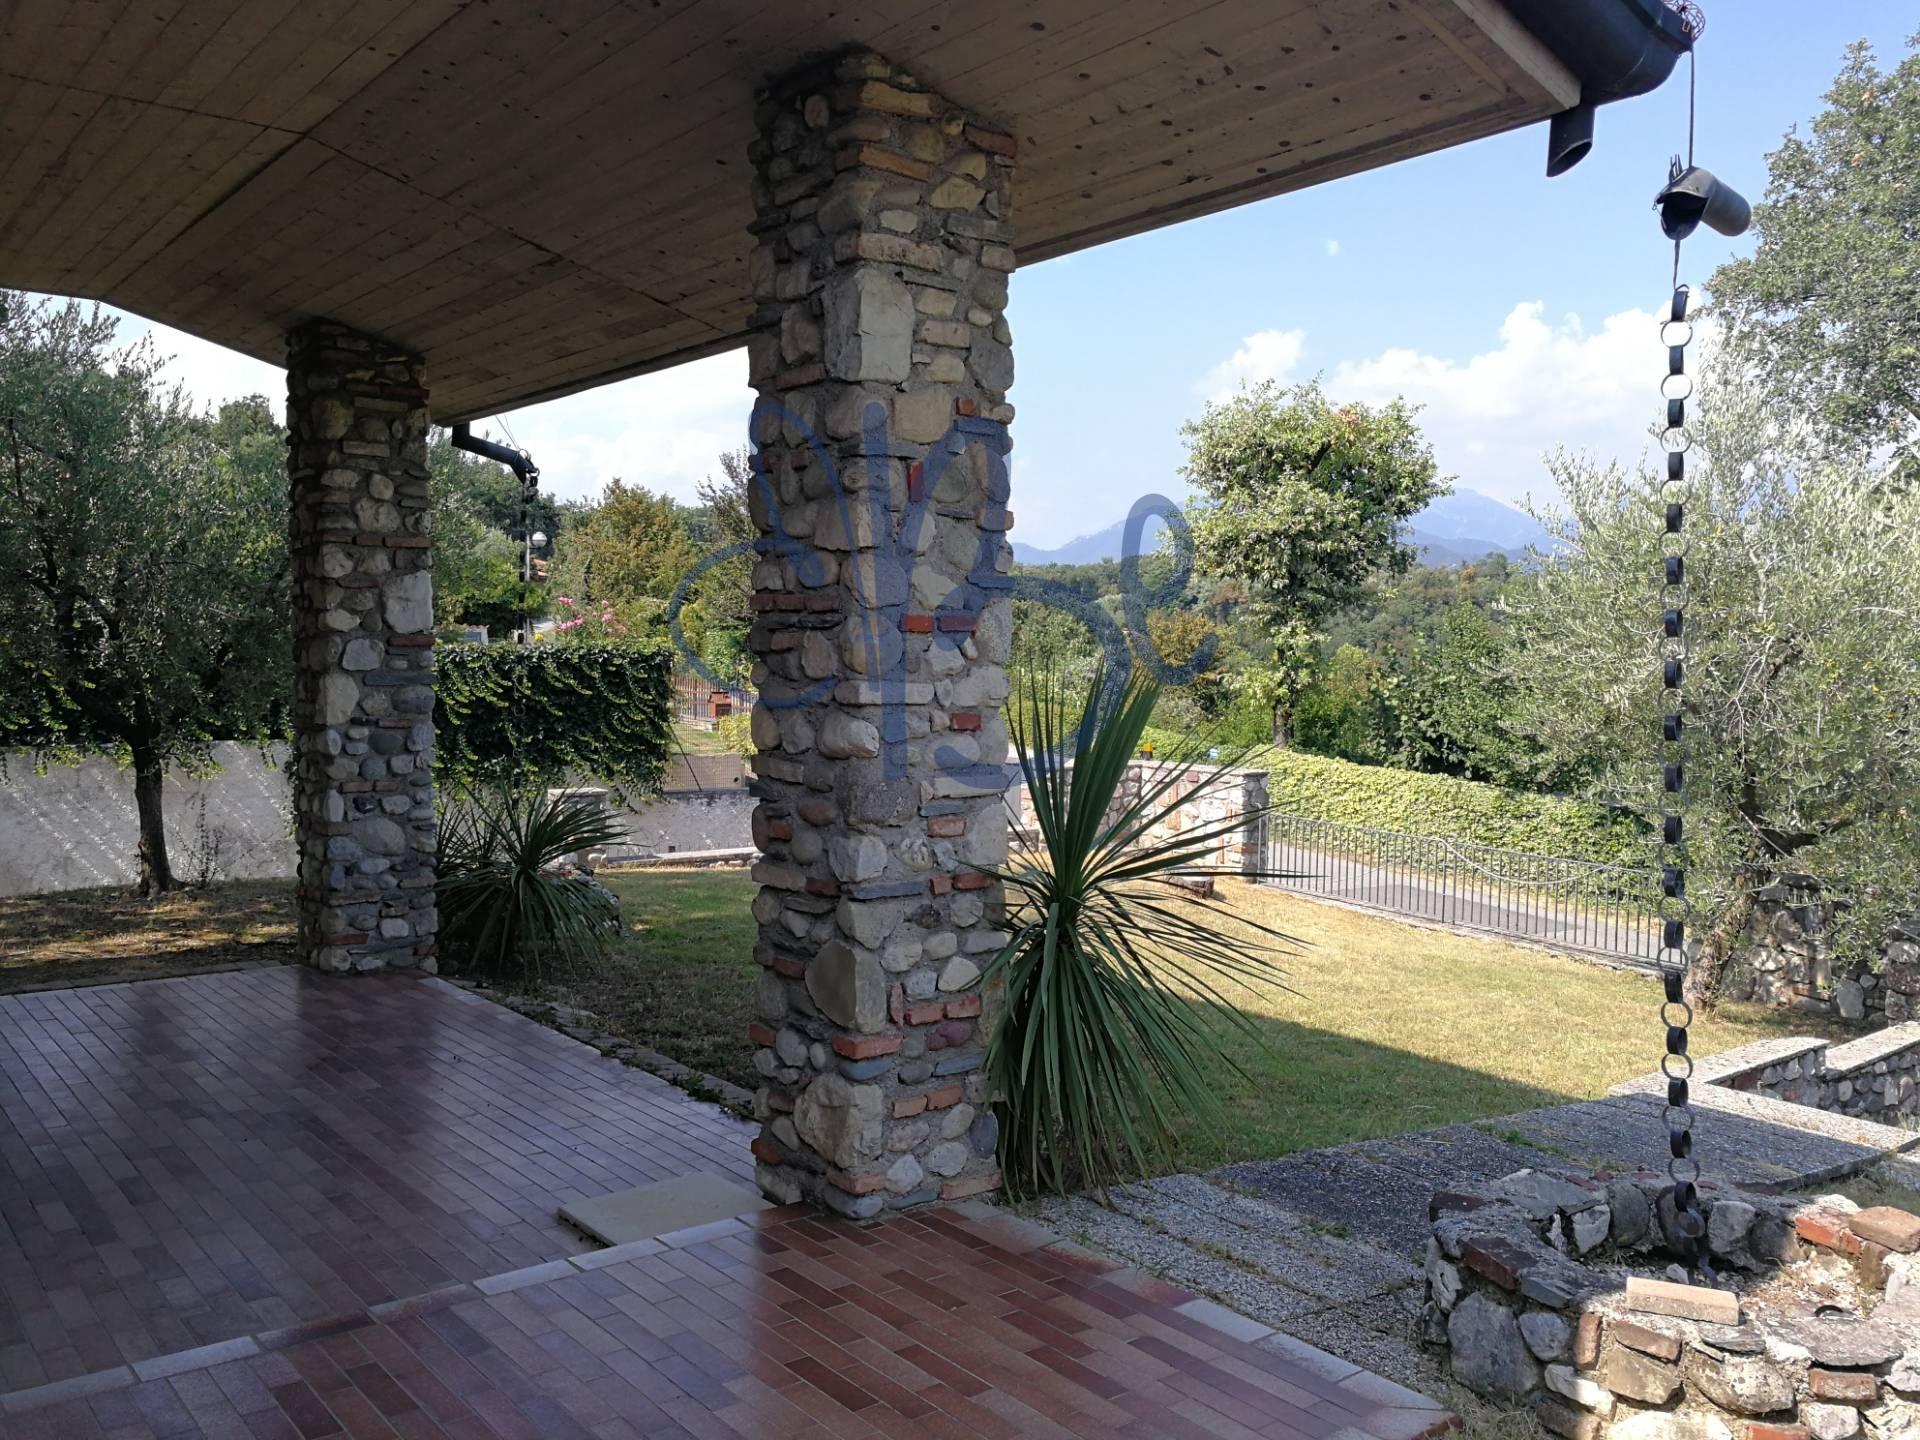 Villa Bifamiliare in vendita a Puegnago sul Garda, 4 locali, zona Zona: Castello, prezzo € 295.000 | CambioCasa.it